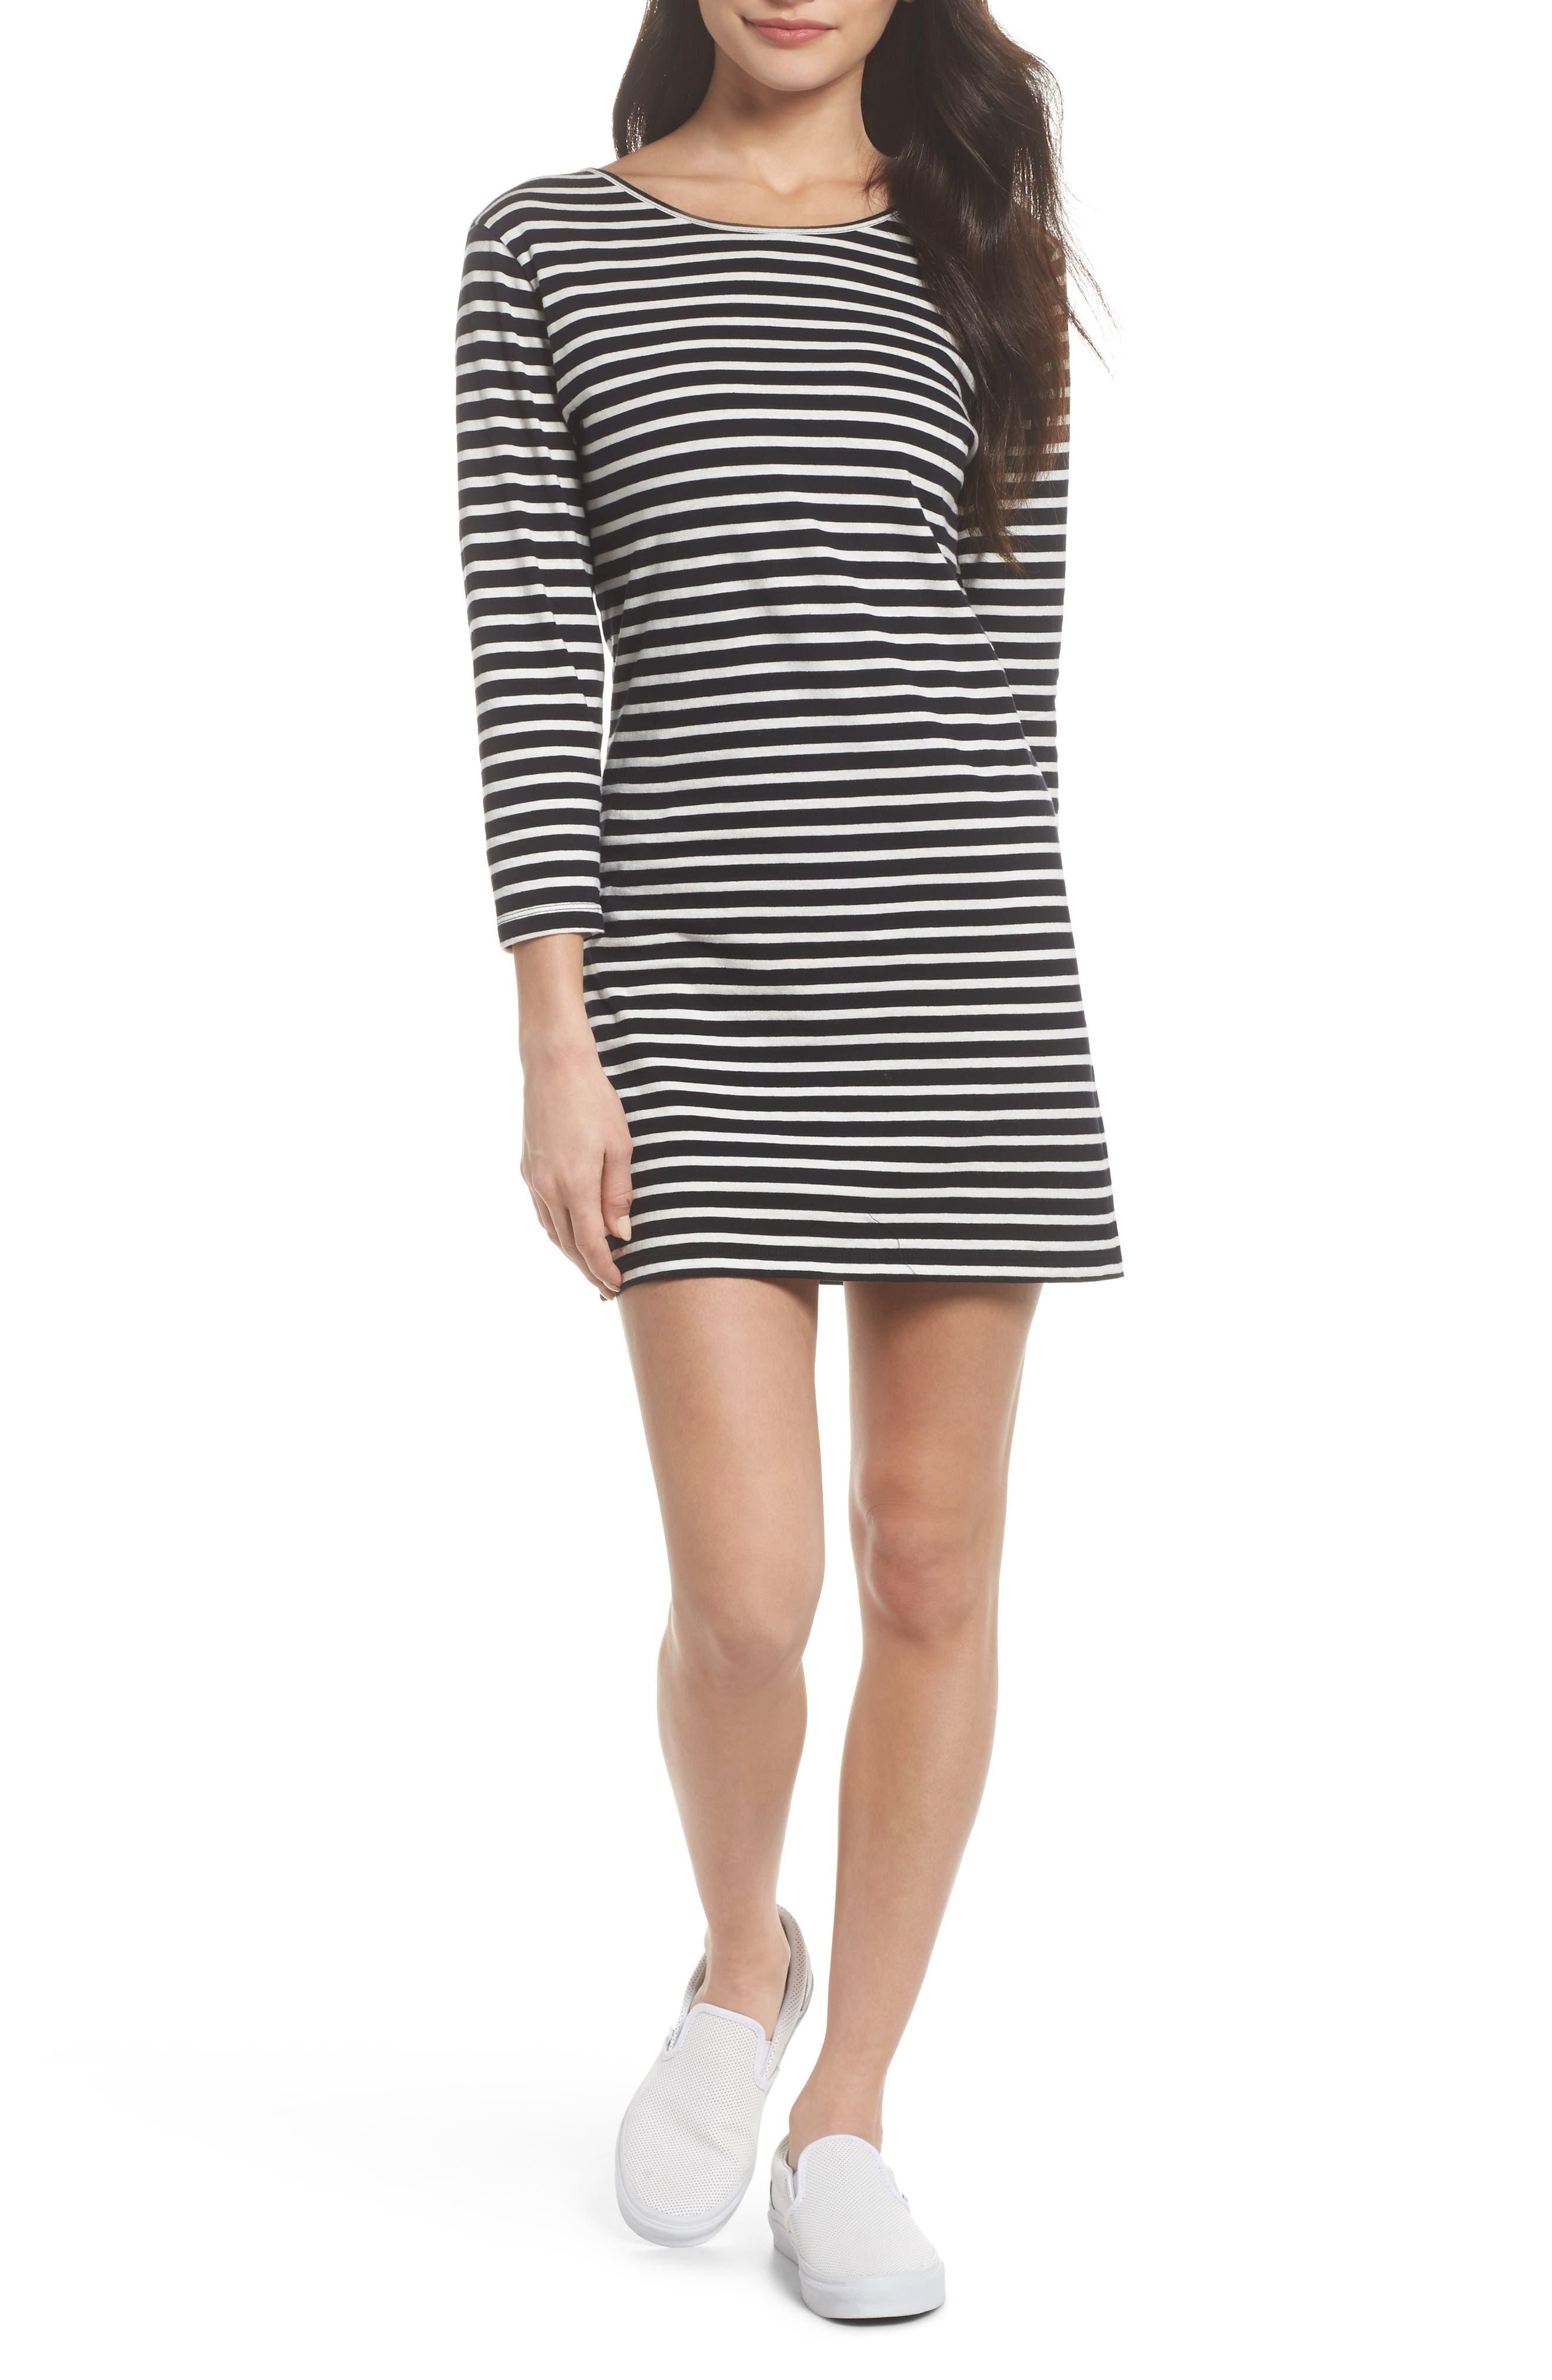 Knot Sisters Costa Stripe T-Shirt Dress